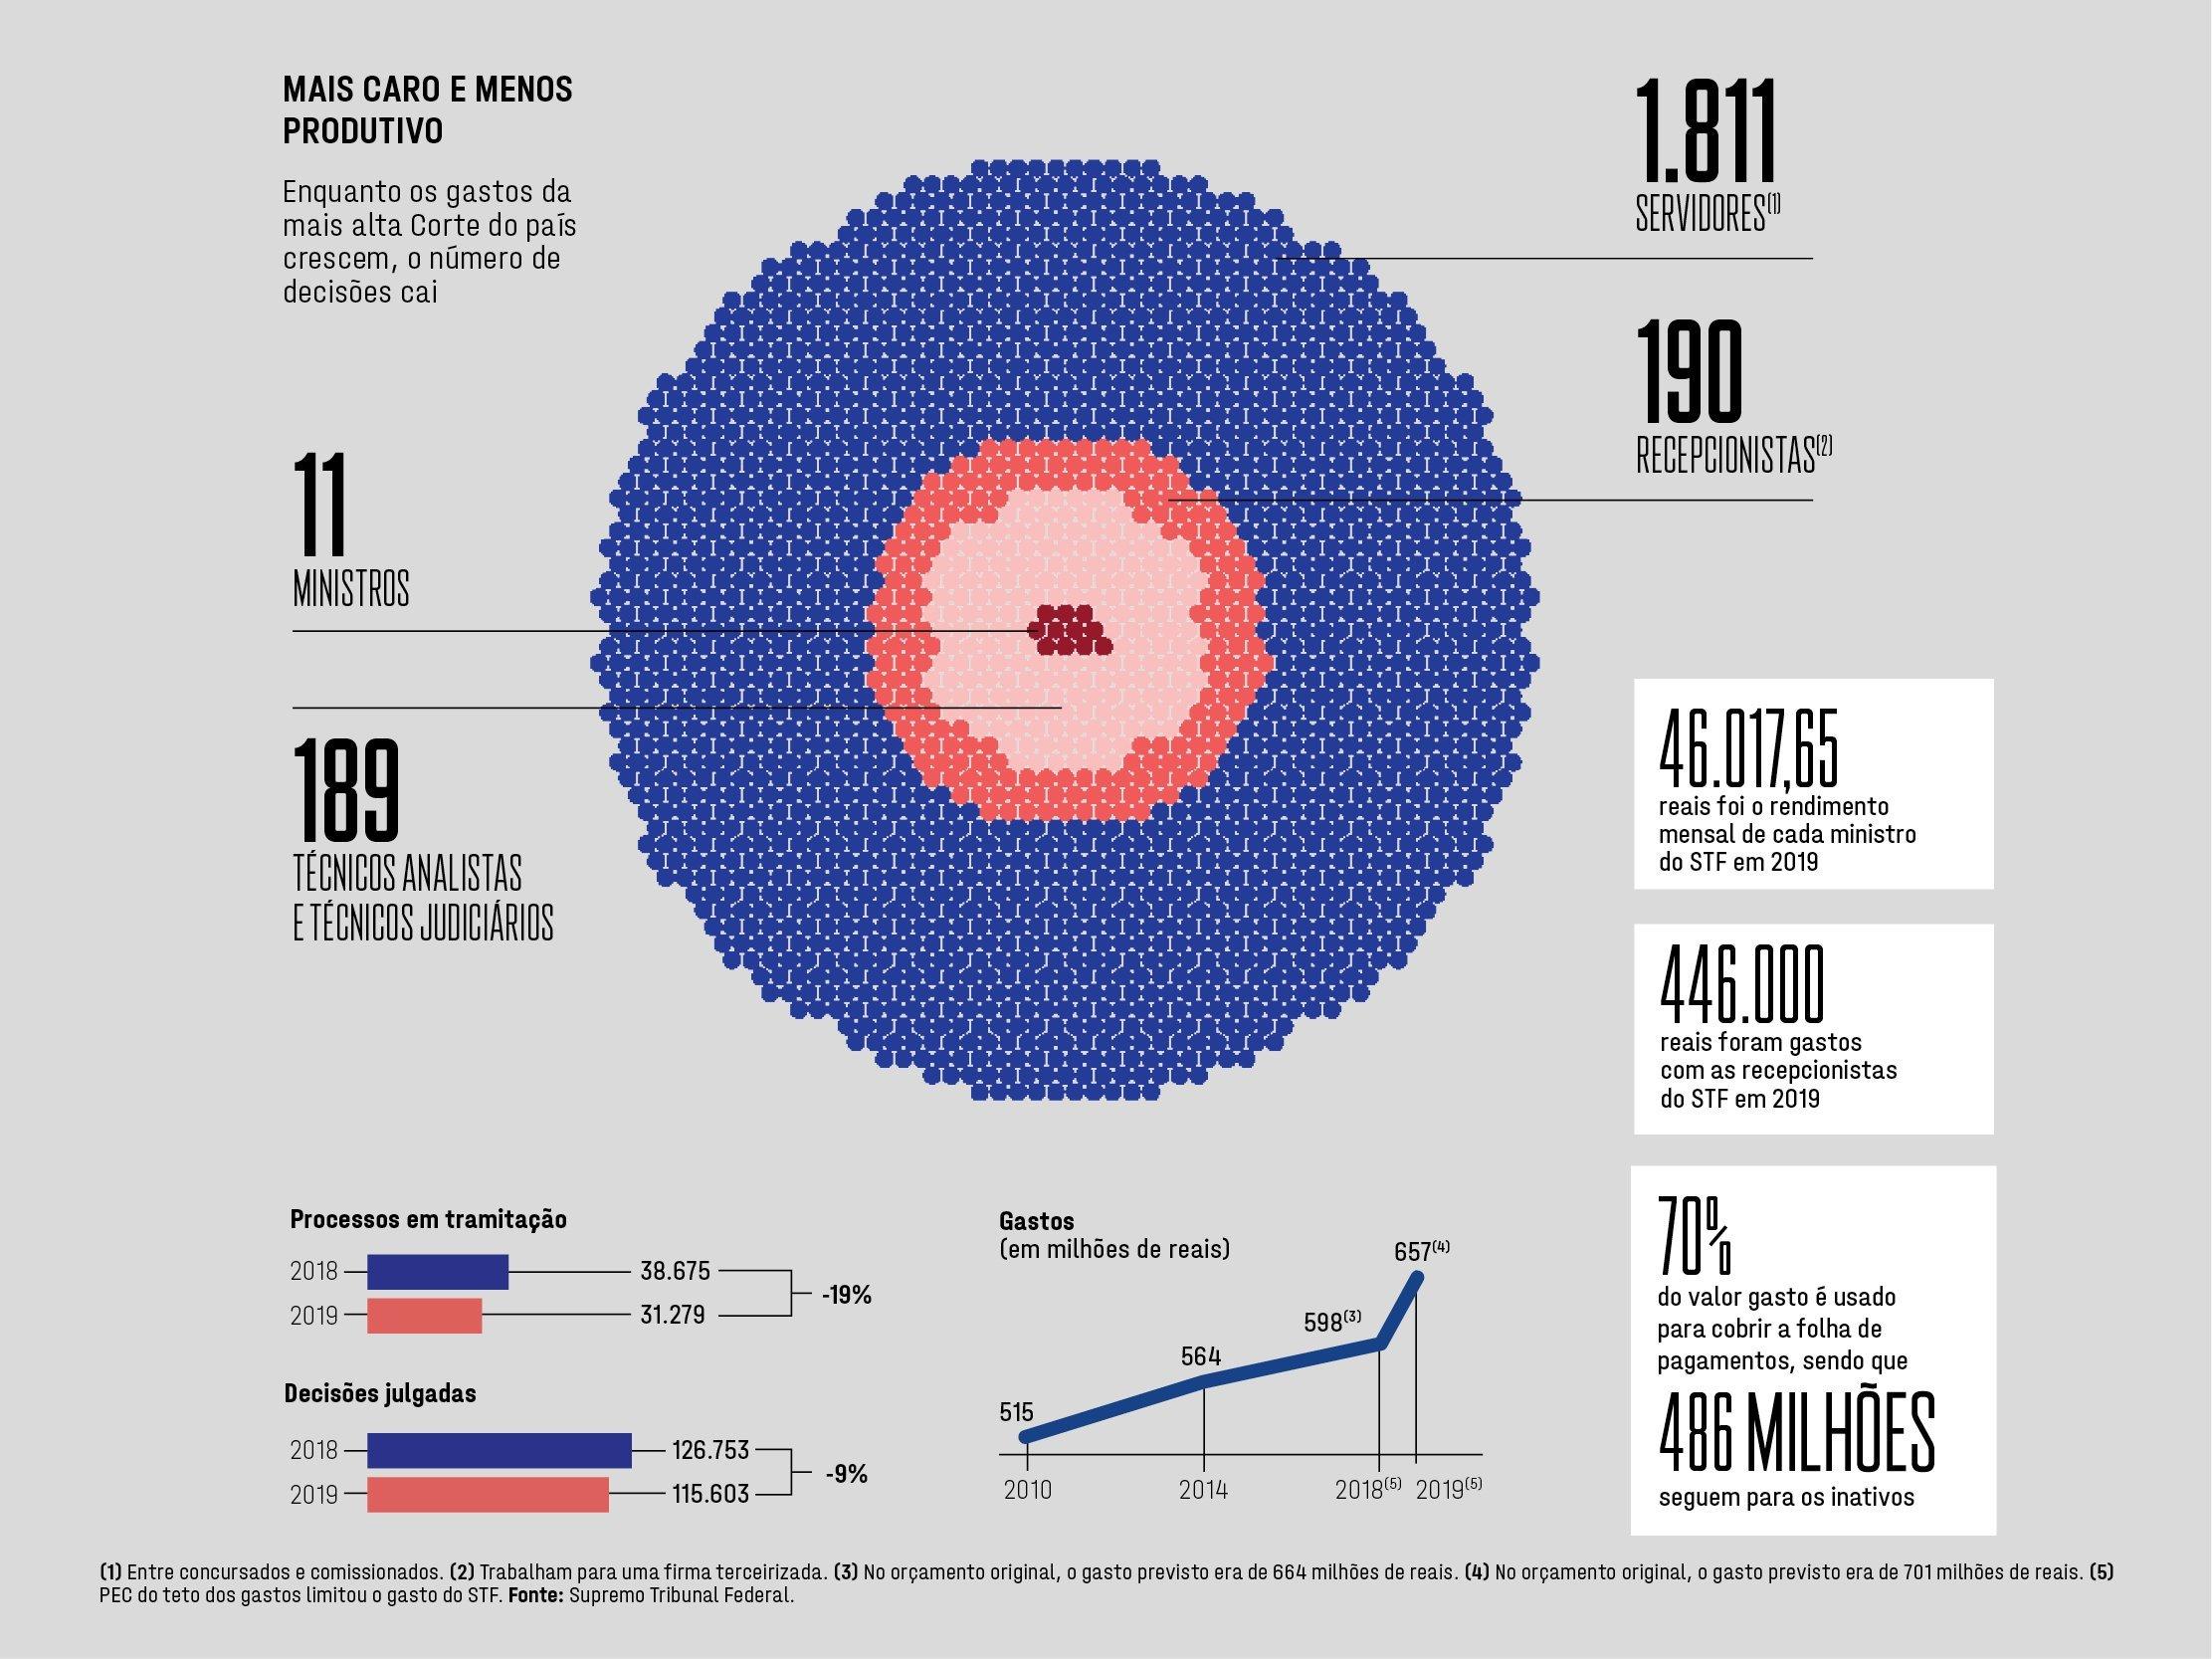 Exame 1206 -- Gastos do STF -- Infográfico